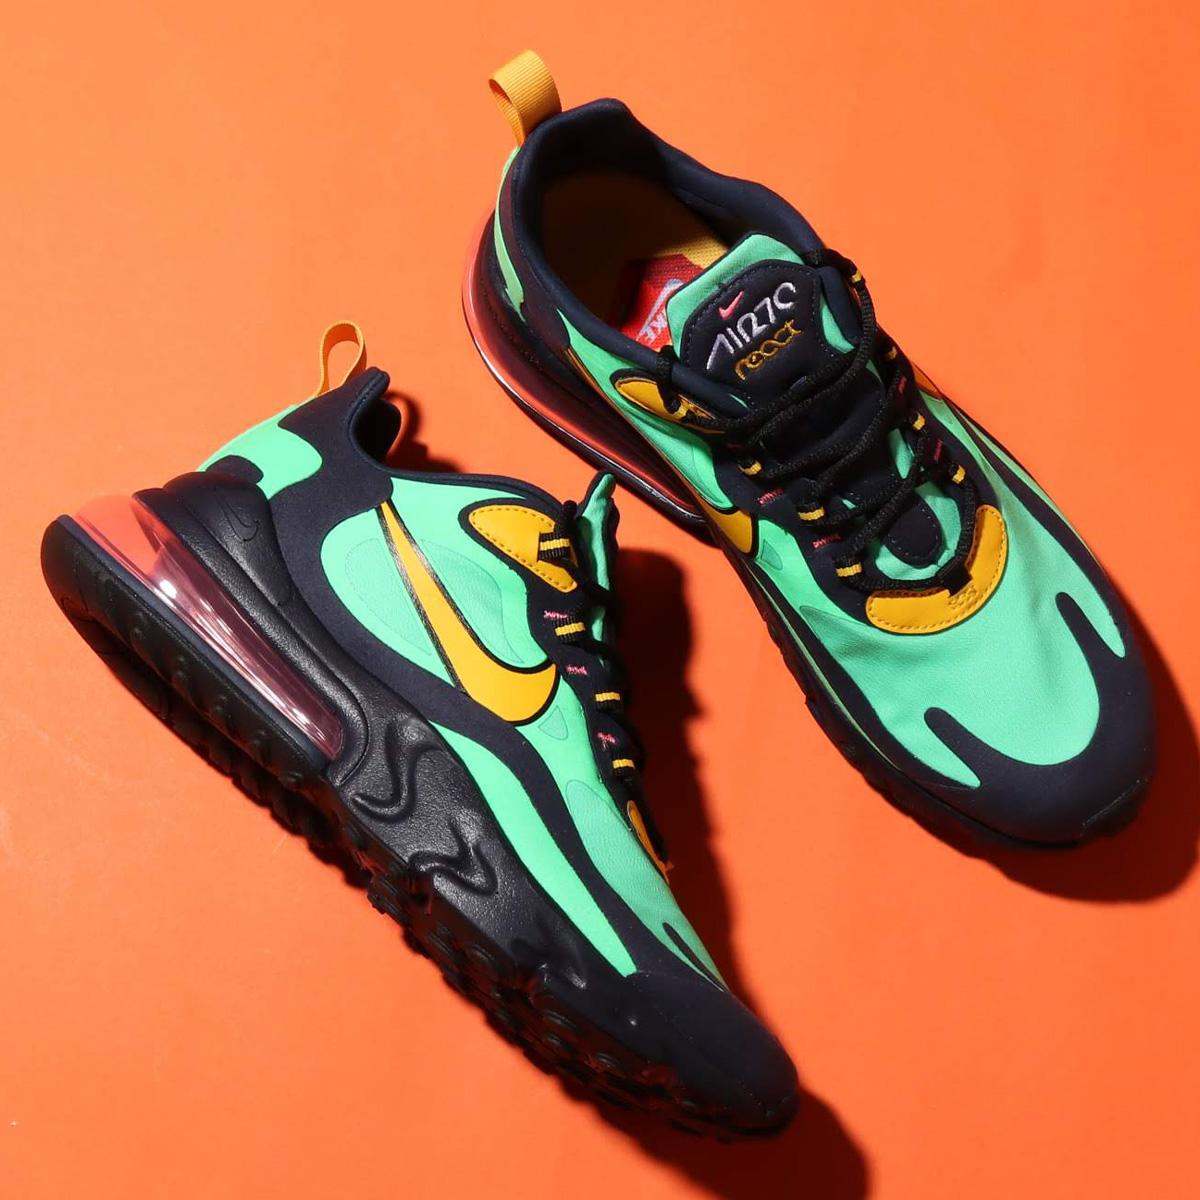 Nike Air Max 270 React Green, Ochre & Obsidian | END.